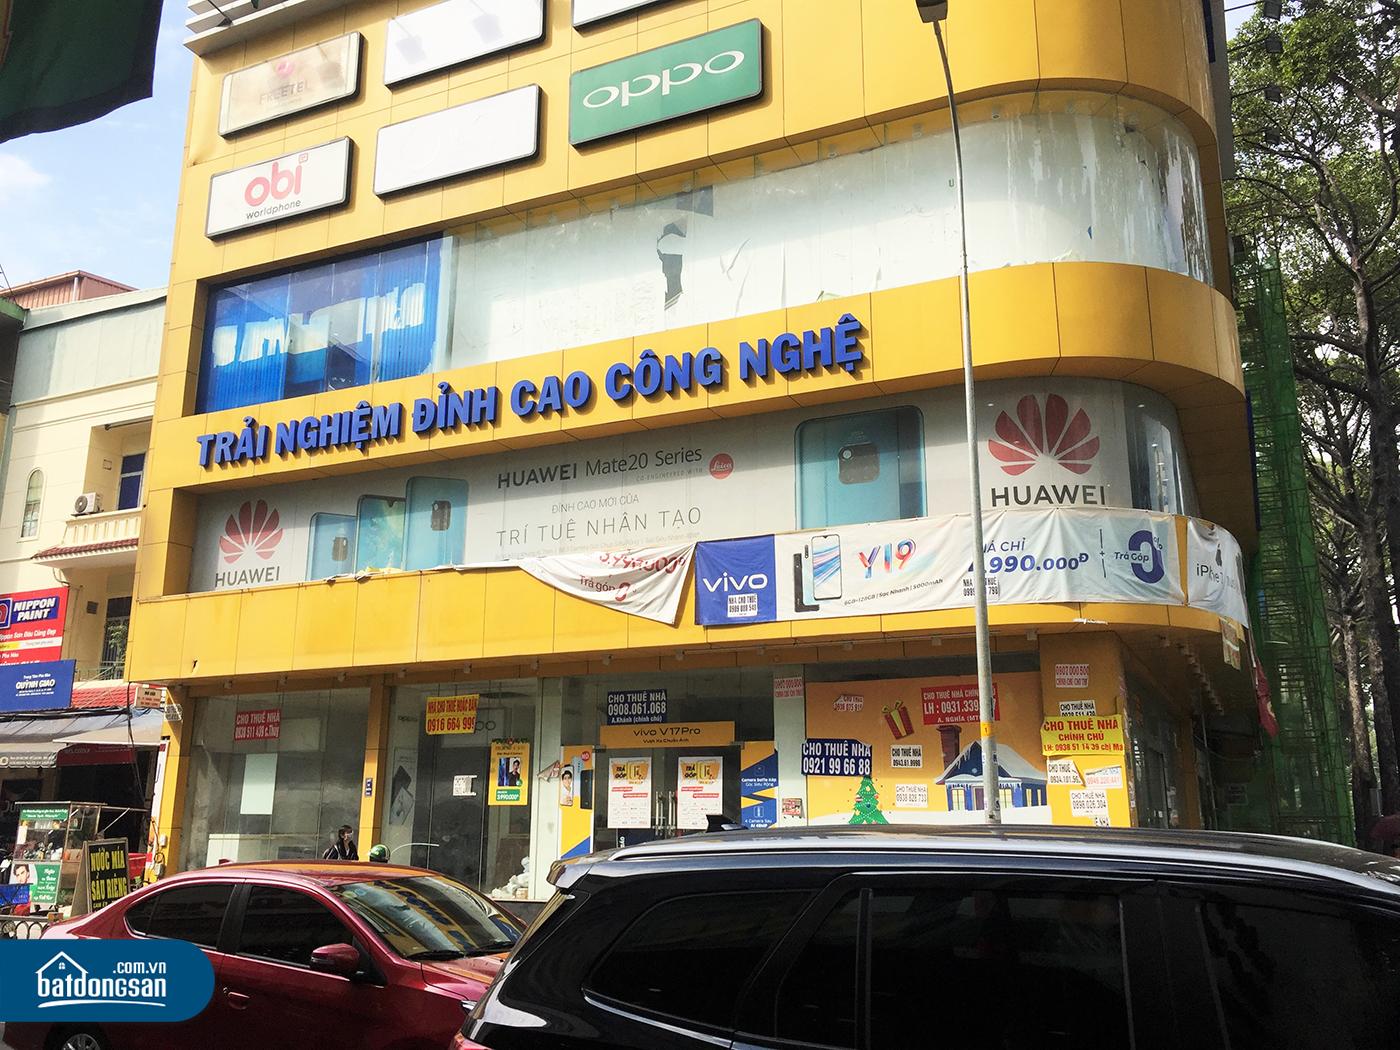 Showroom của một thương hiệu bán lẻ đồ điện tử đang treo bảng chào thuê